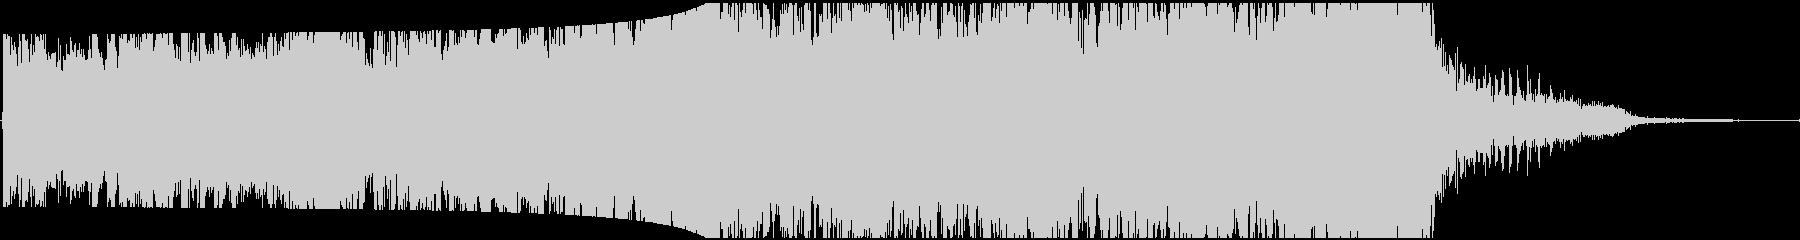 始まりを予感させる壮大なスペクトラル曲の未再生の波形